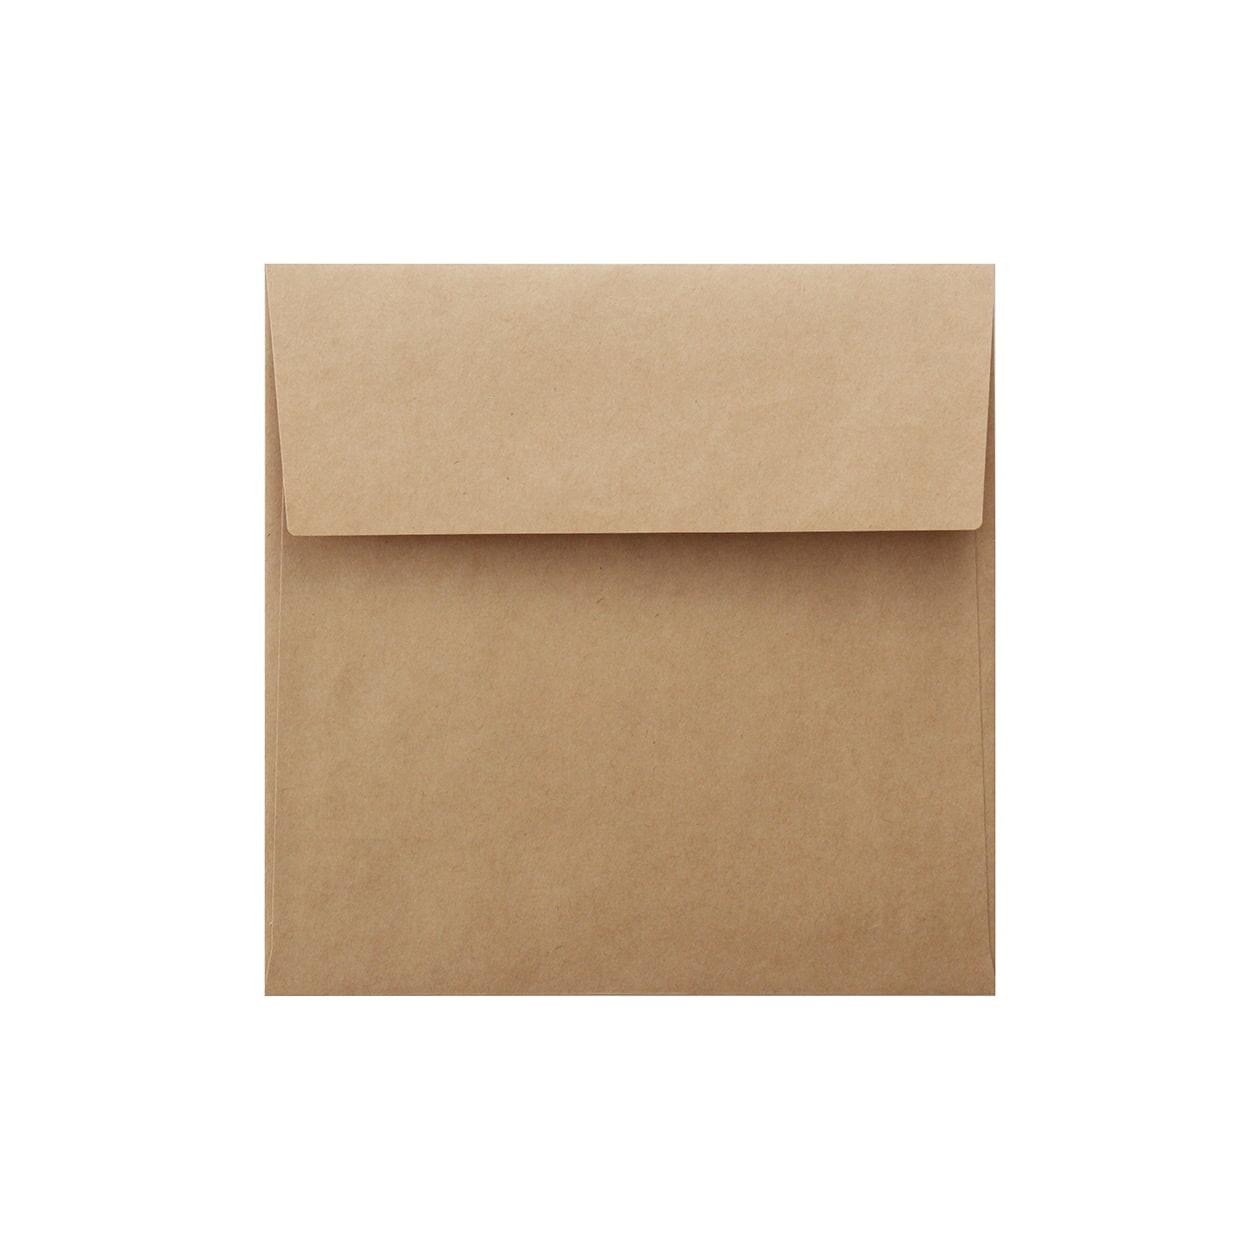 サンプル 封筒・袋 00104